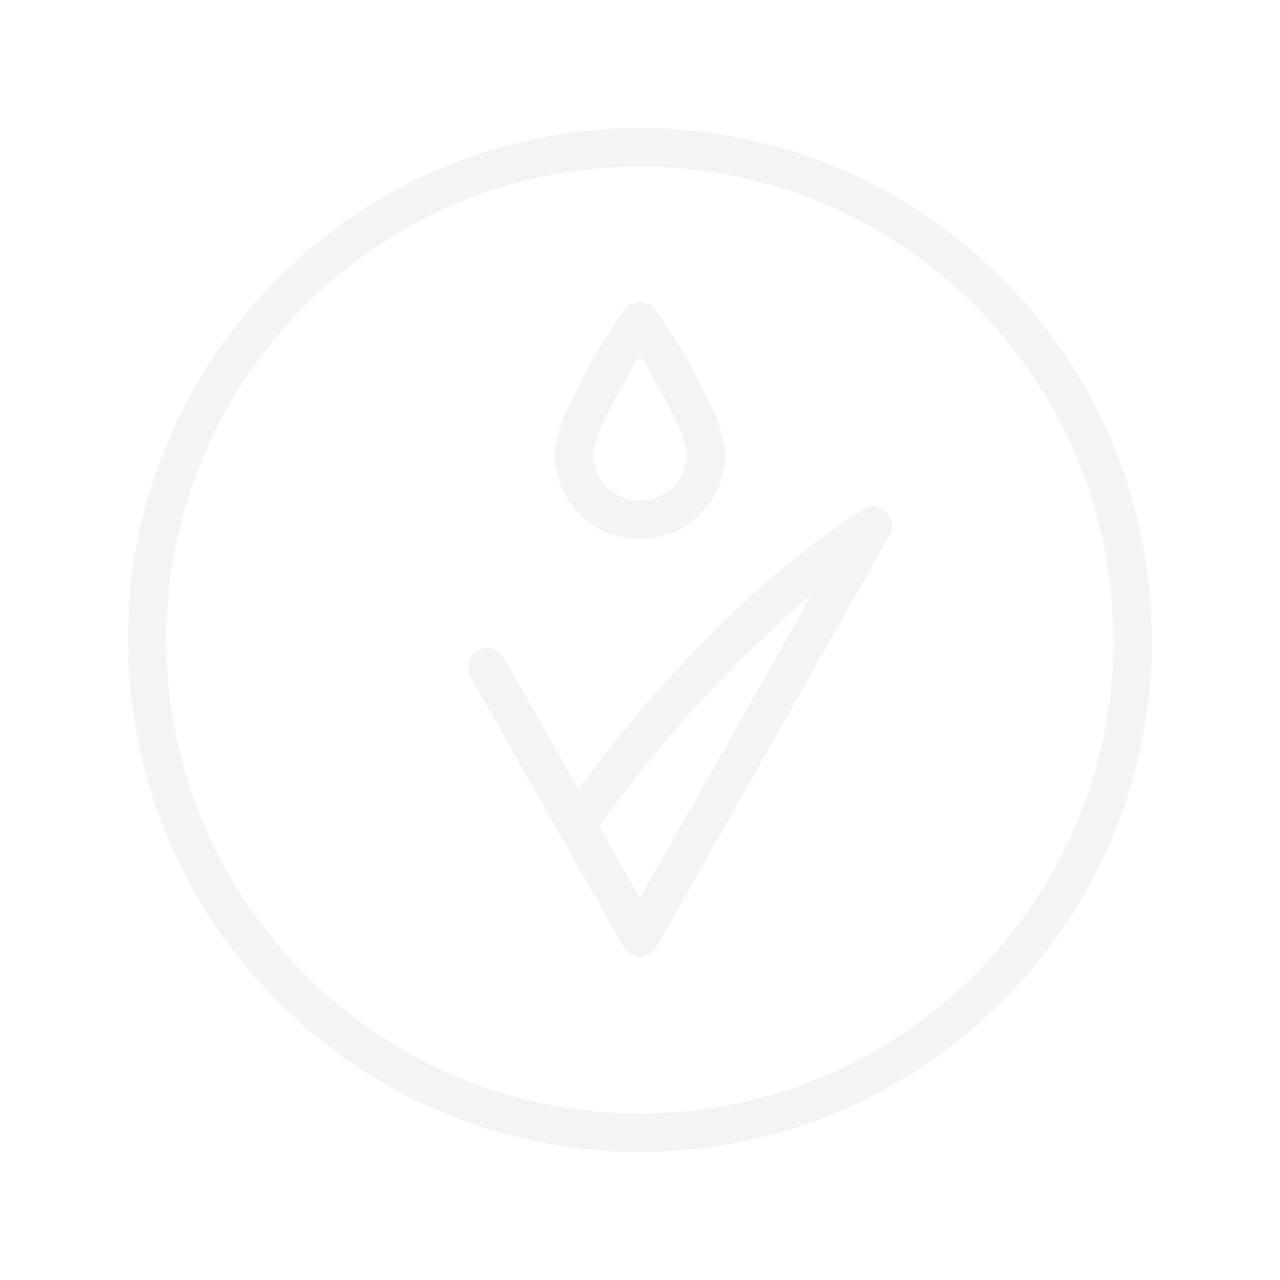 MAKEUP REVOLUTION I Love Makeup Light & Glow Duo 11g